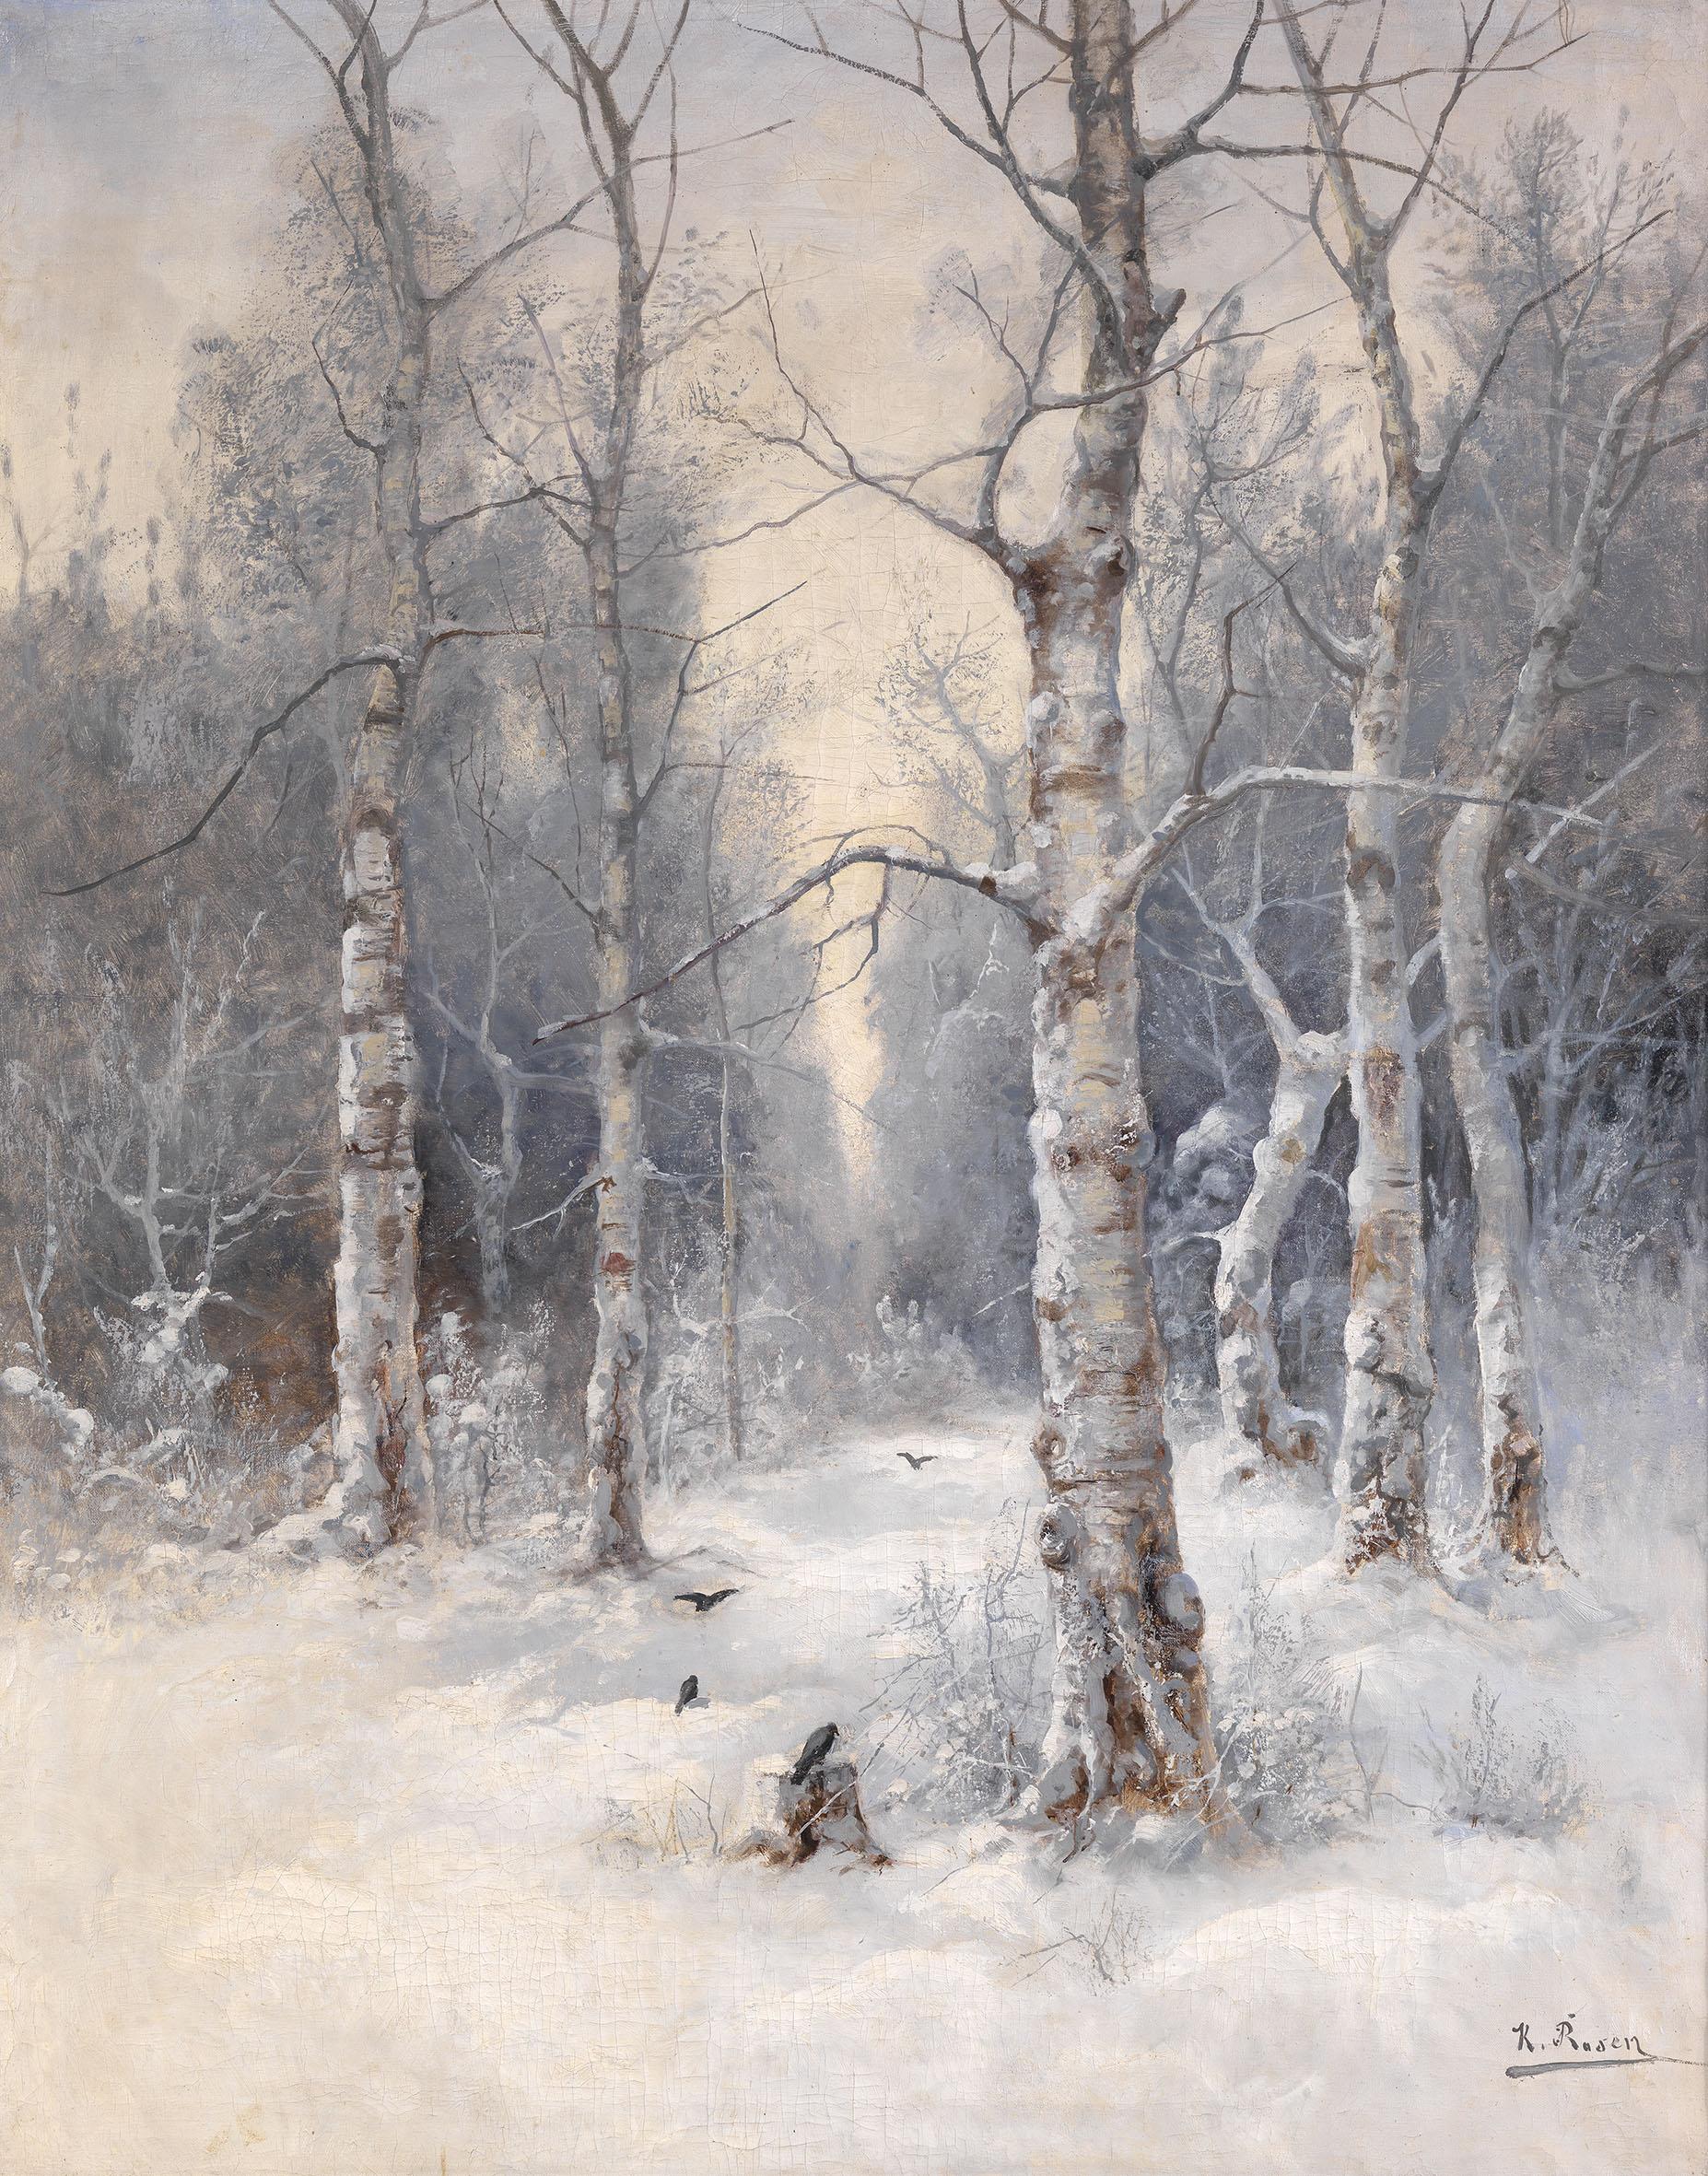 ROSEN, KARL Winter Landscape2